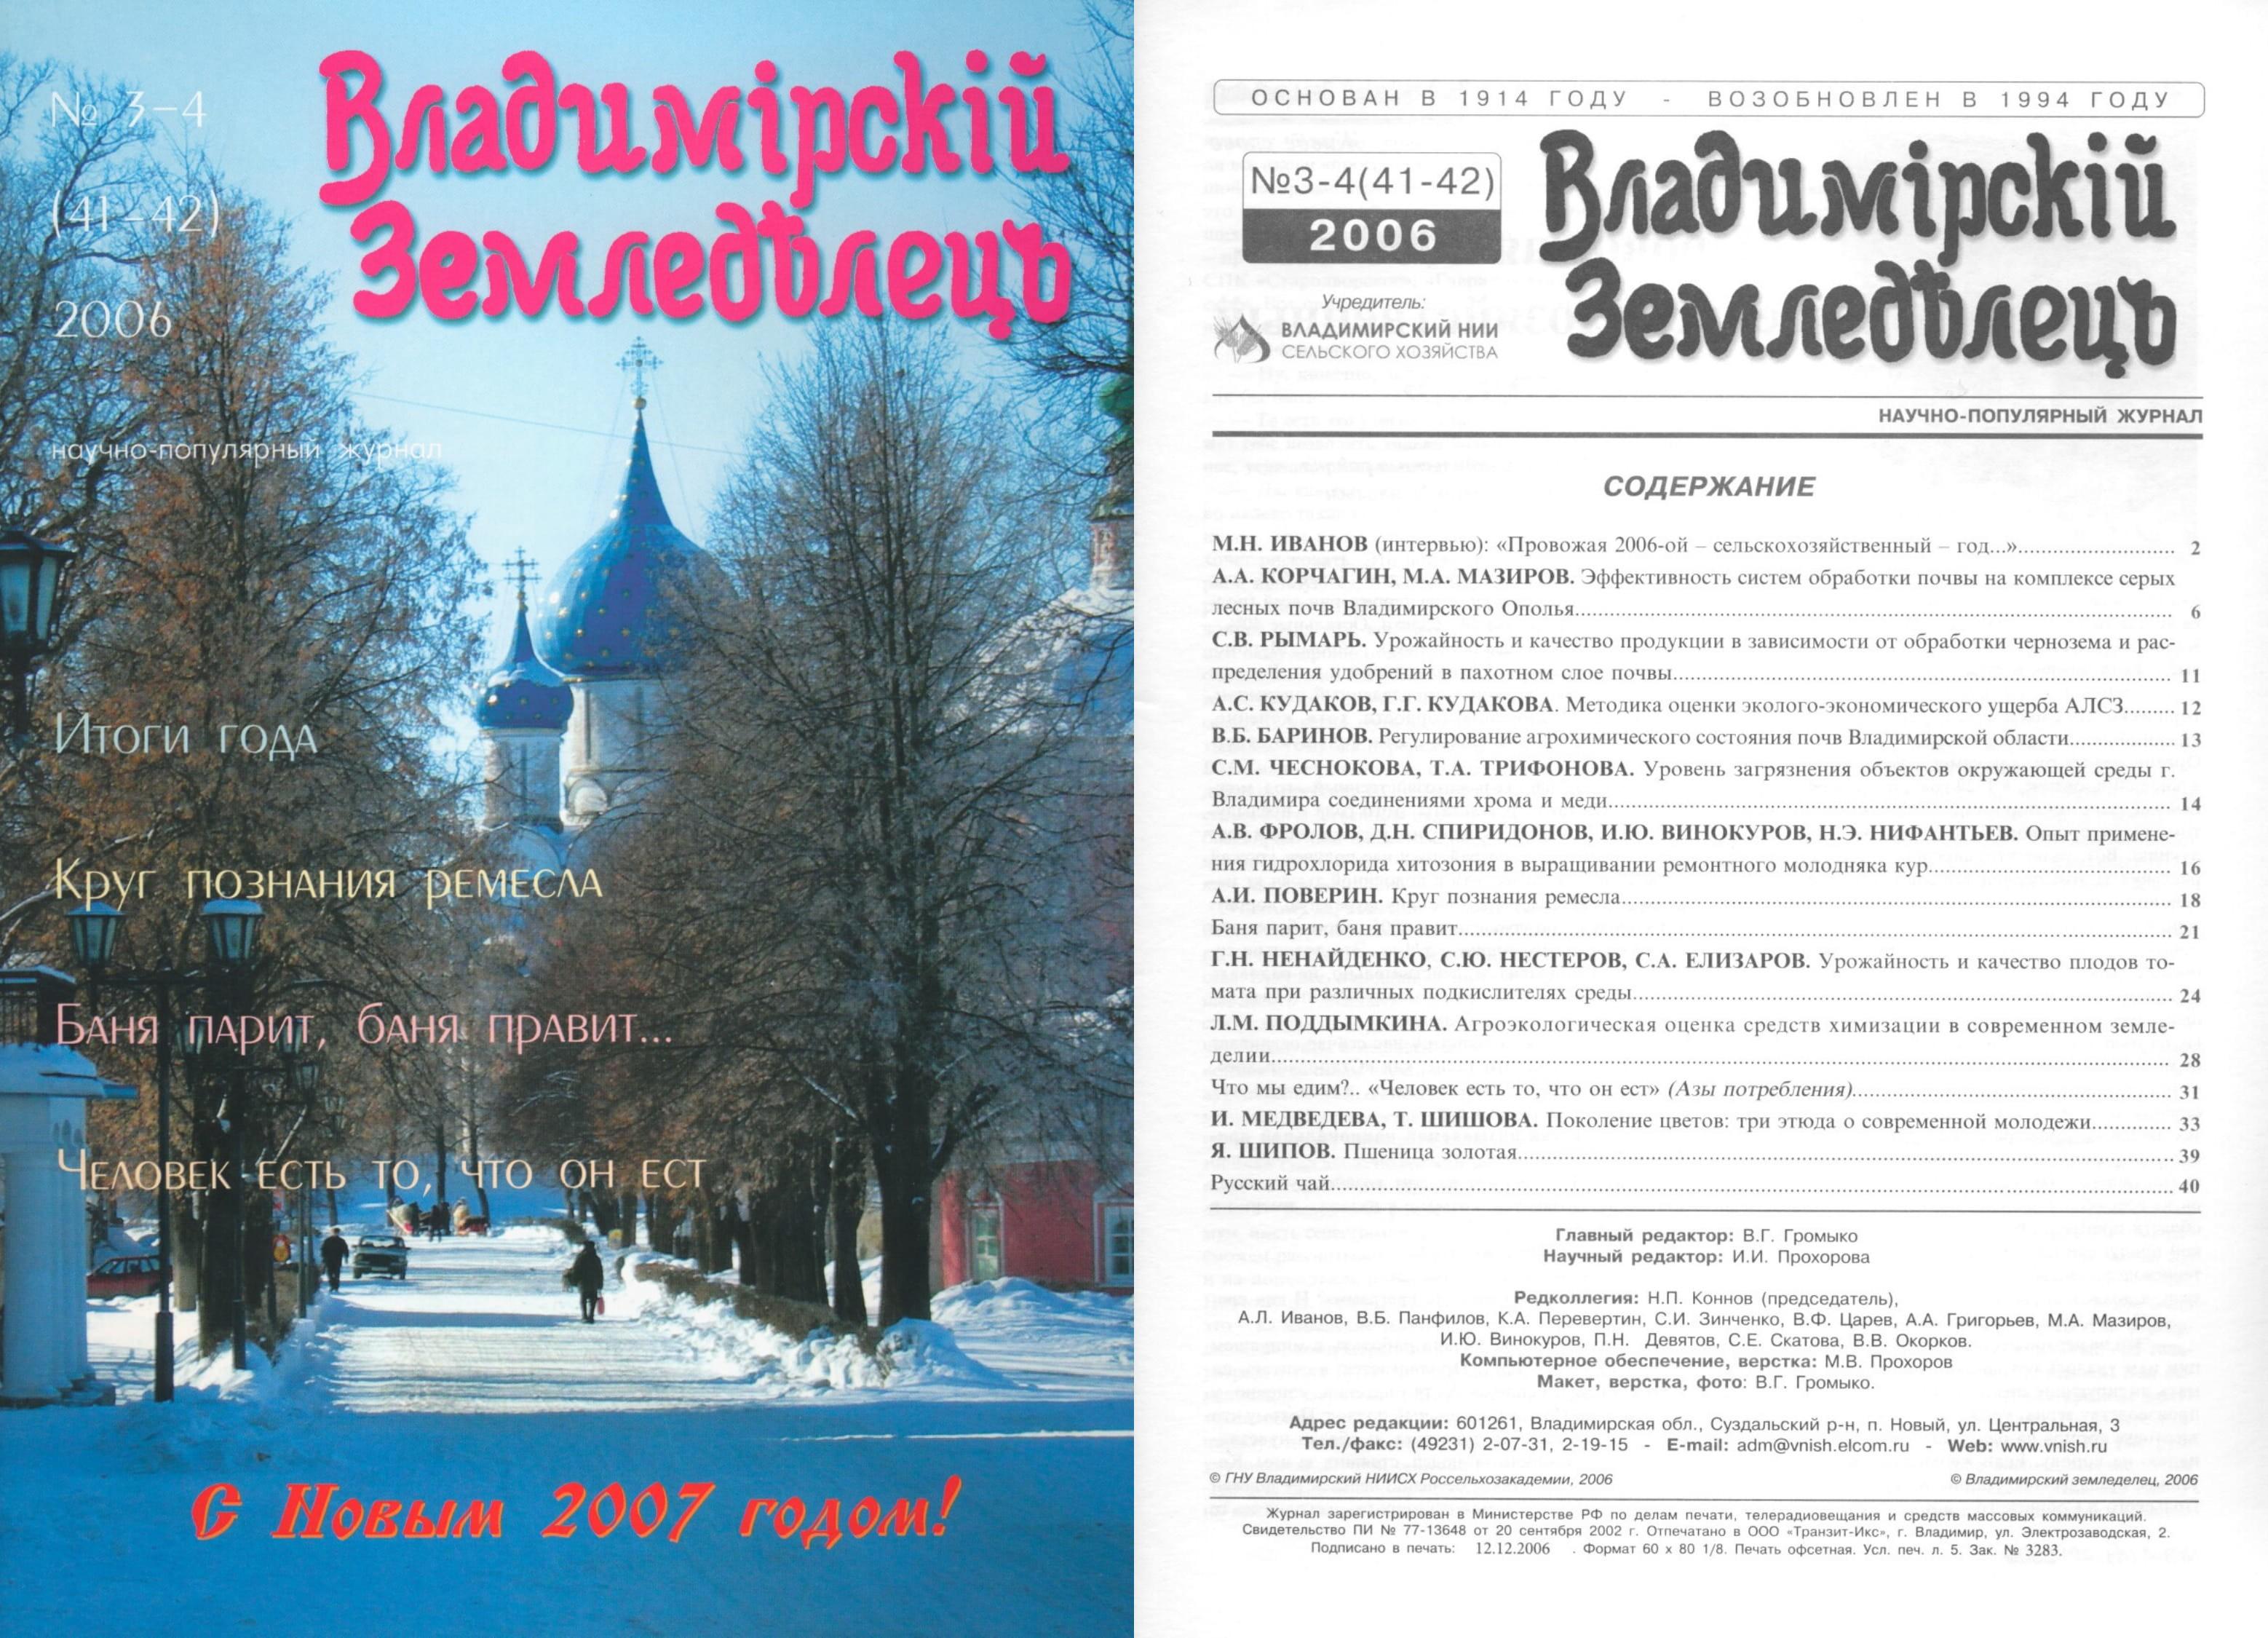 Владимирский земледелец 3-4(41-42) 2006